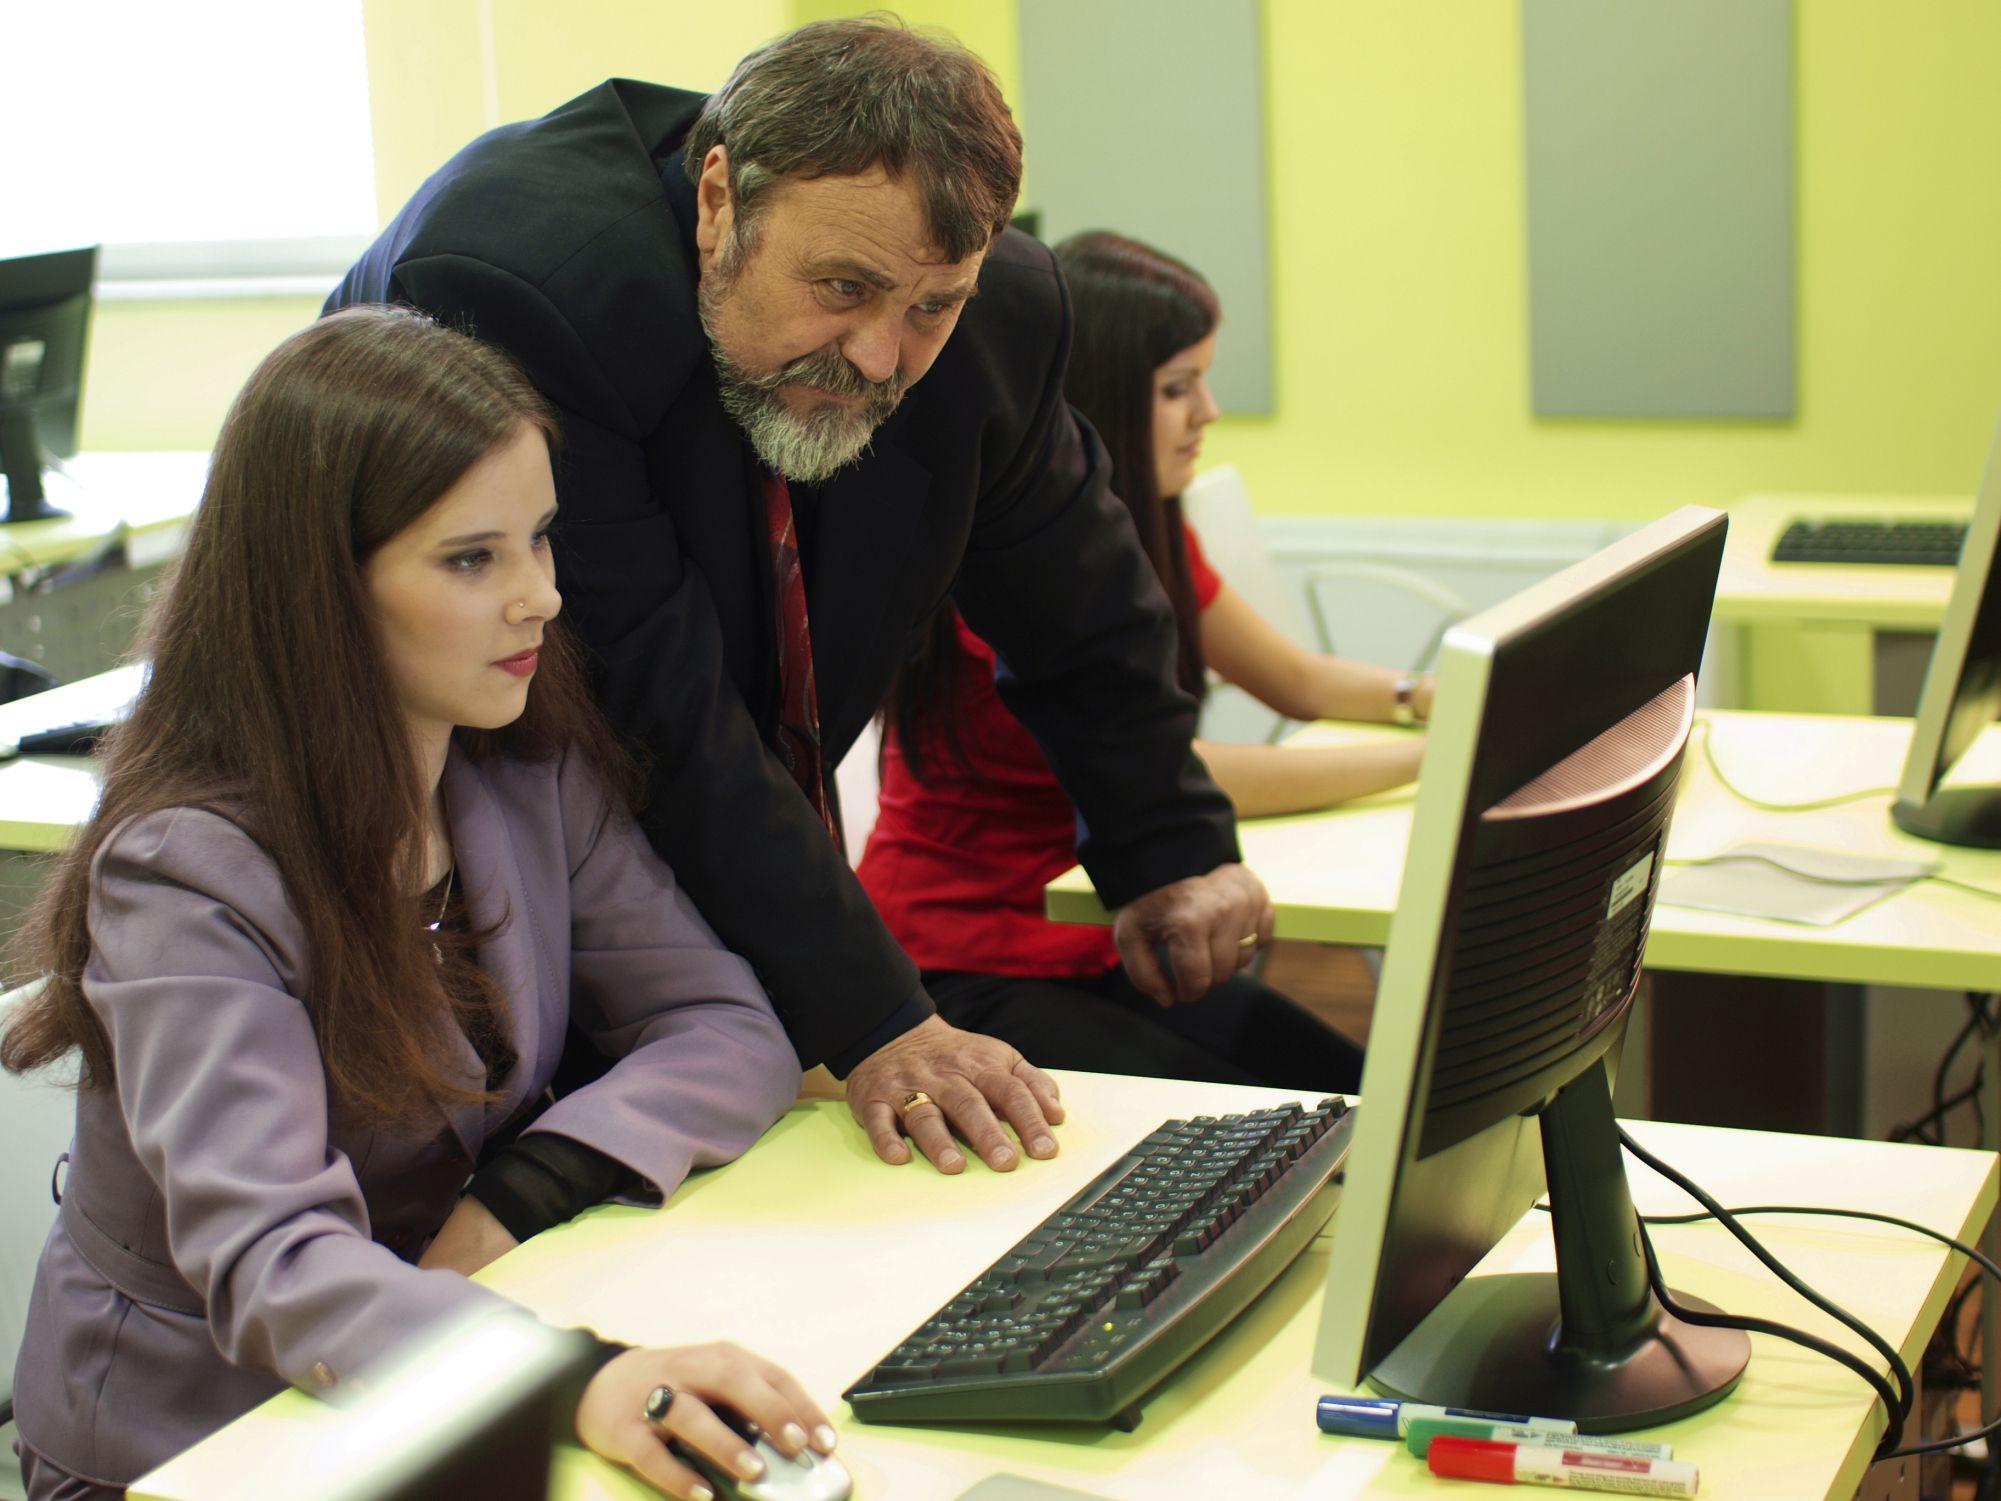 مشاغل مورد نیاز ارمنستان